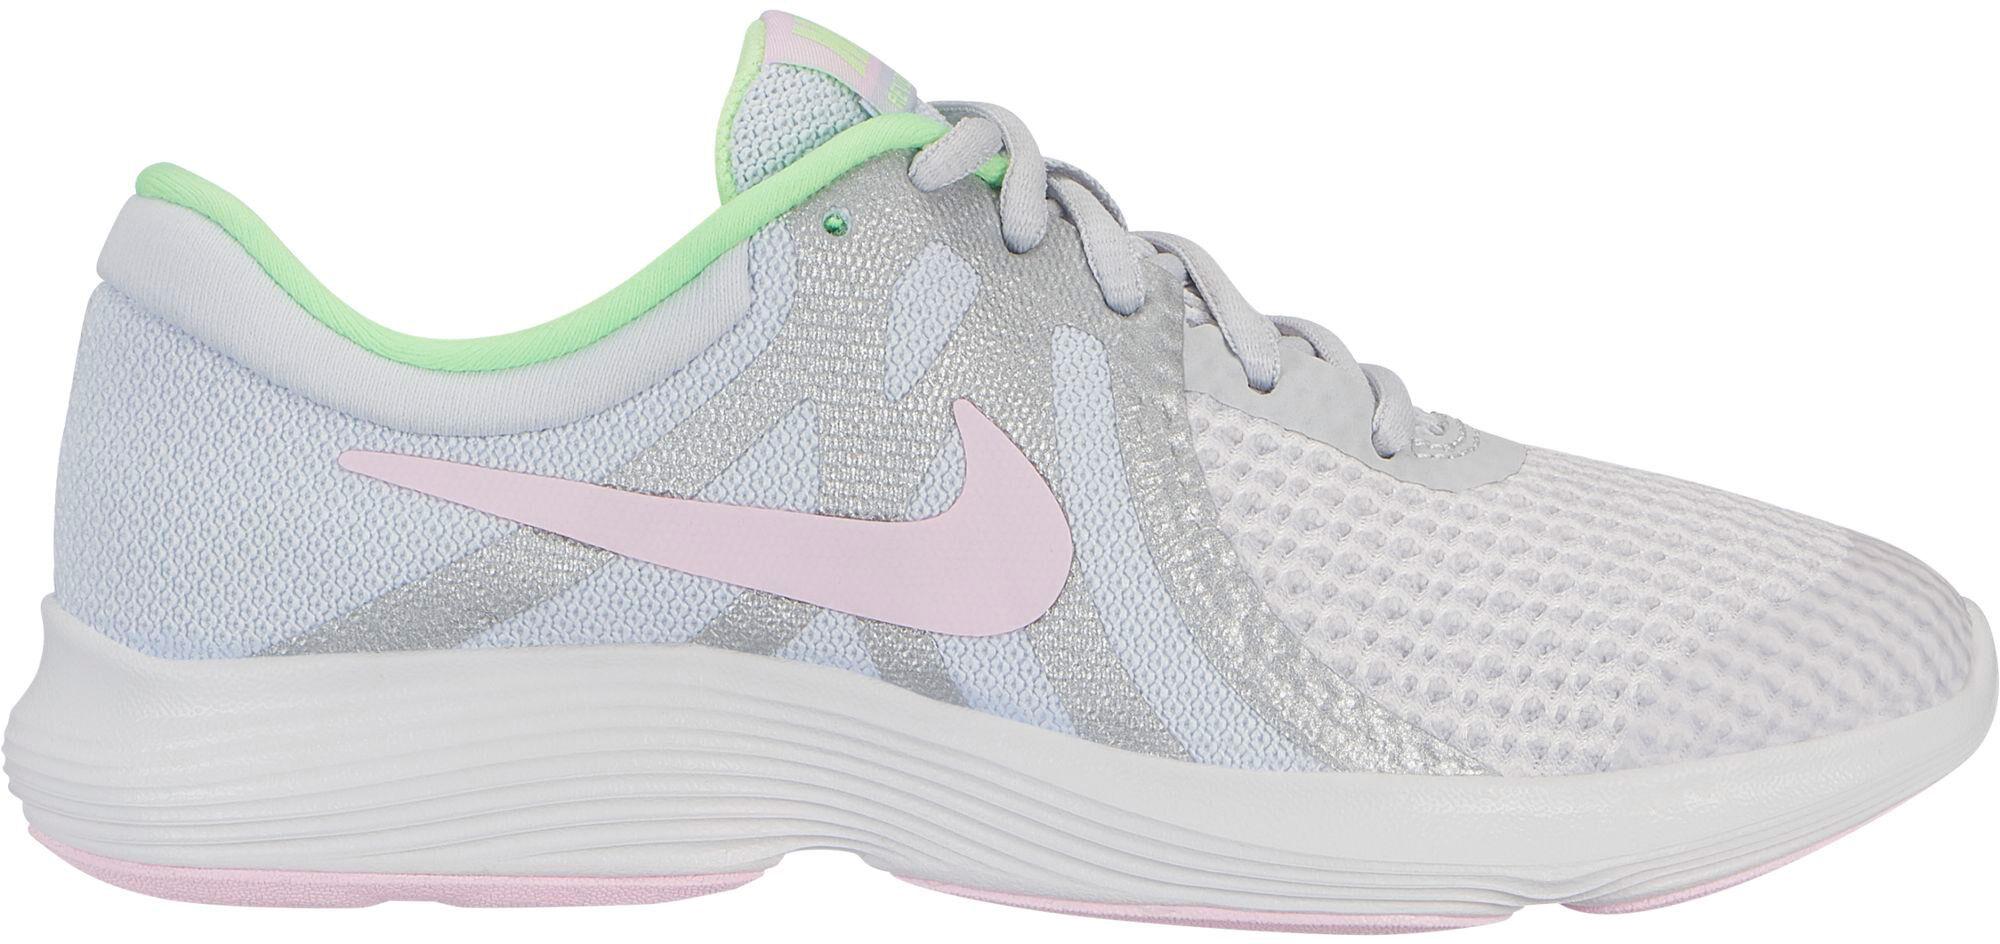 Outlet de zapatillas de running Nike talla 36 baratas